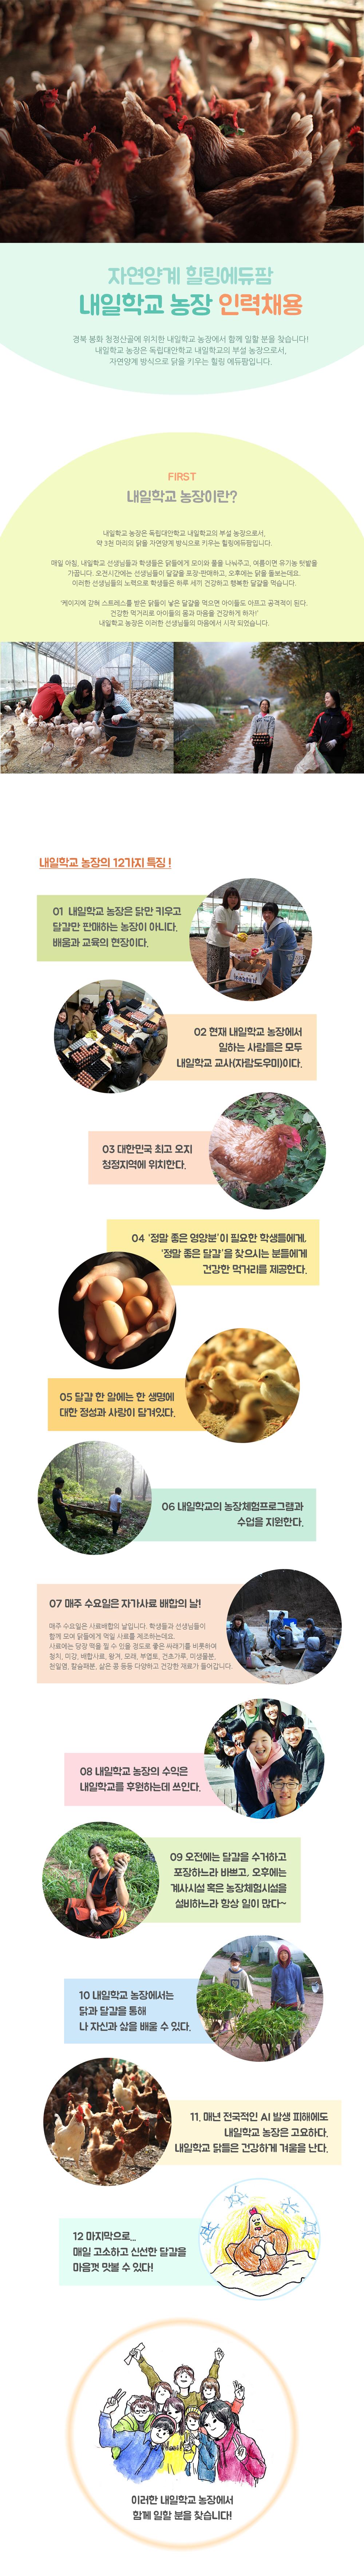 내일학교농장-채용공고_01.png